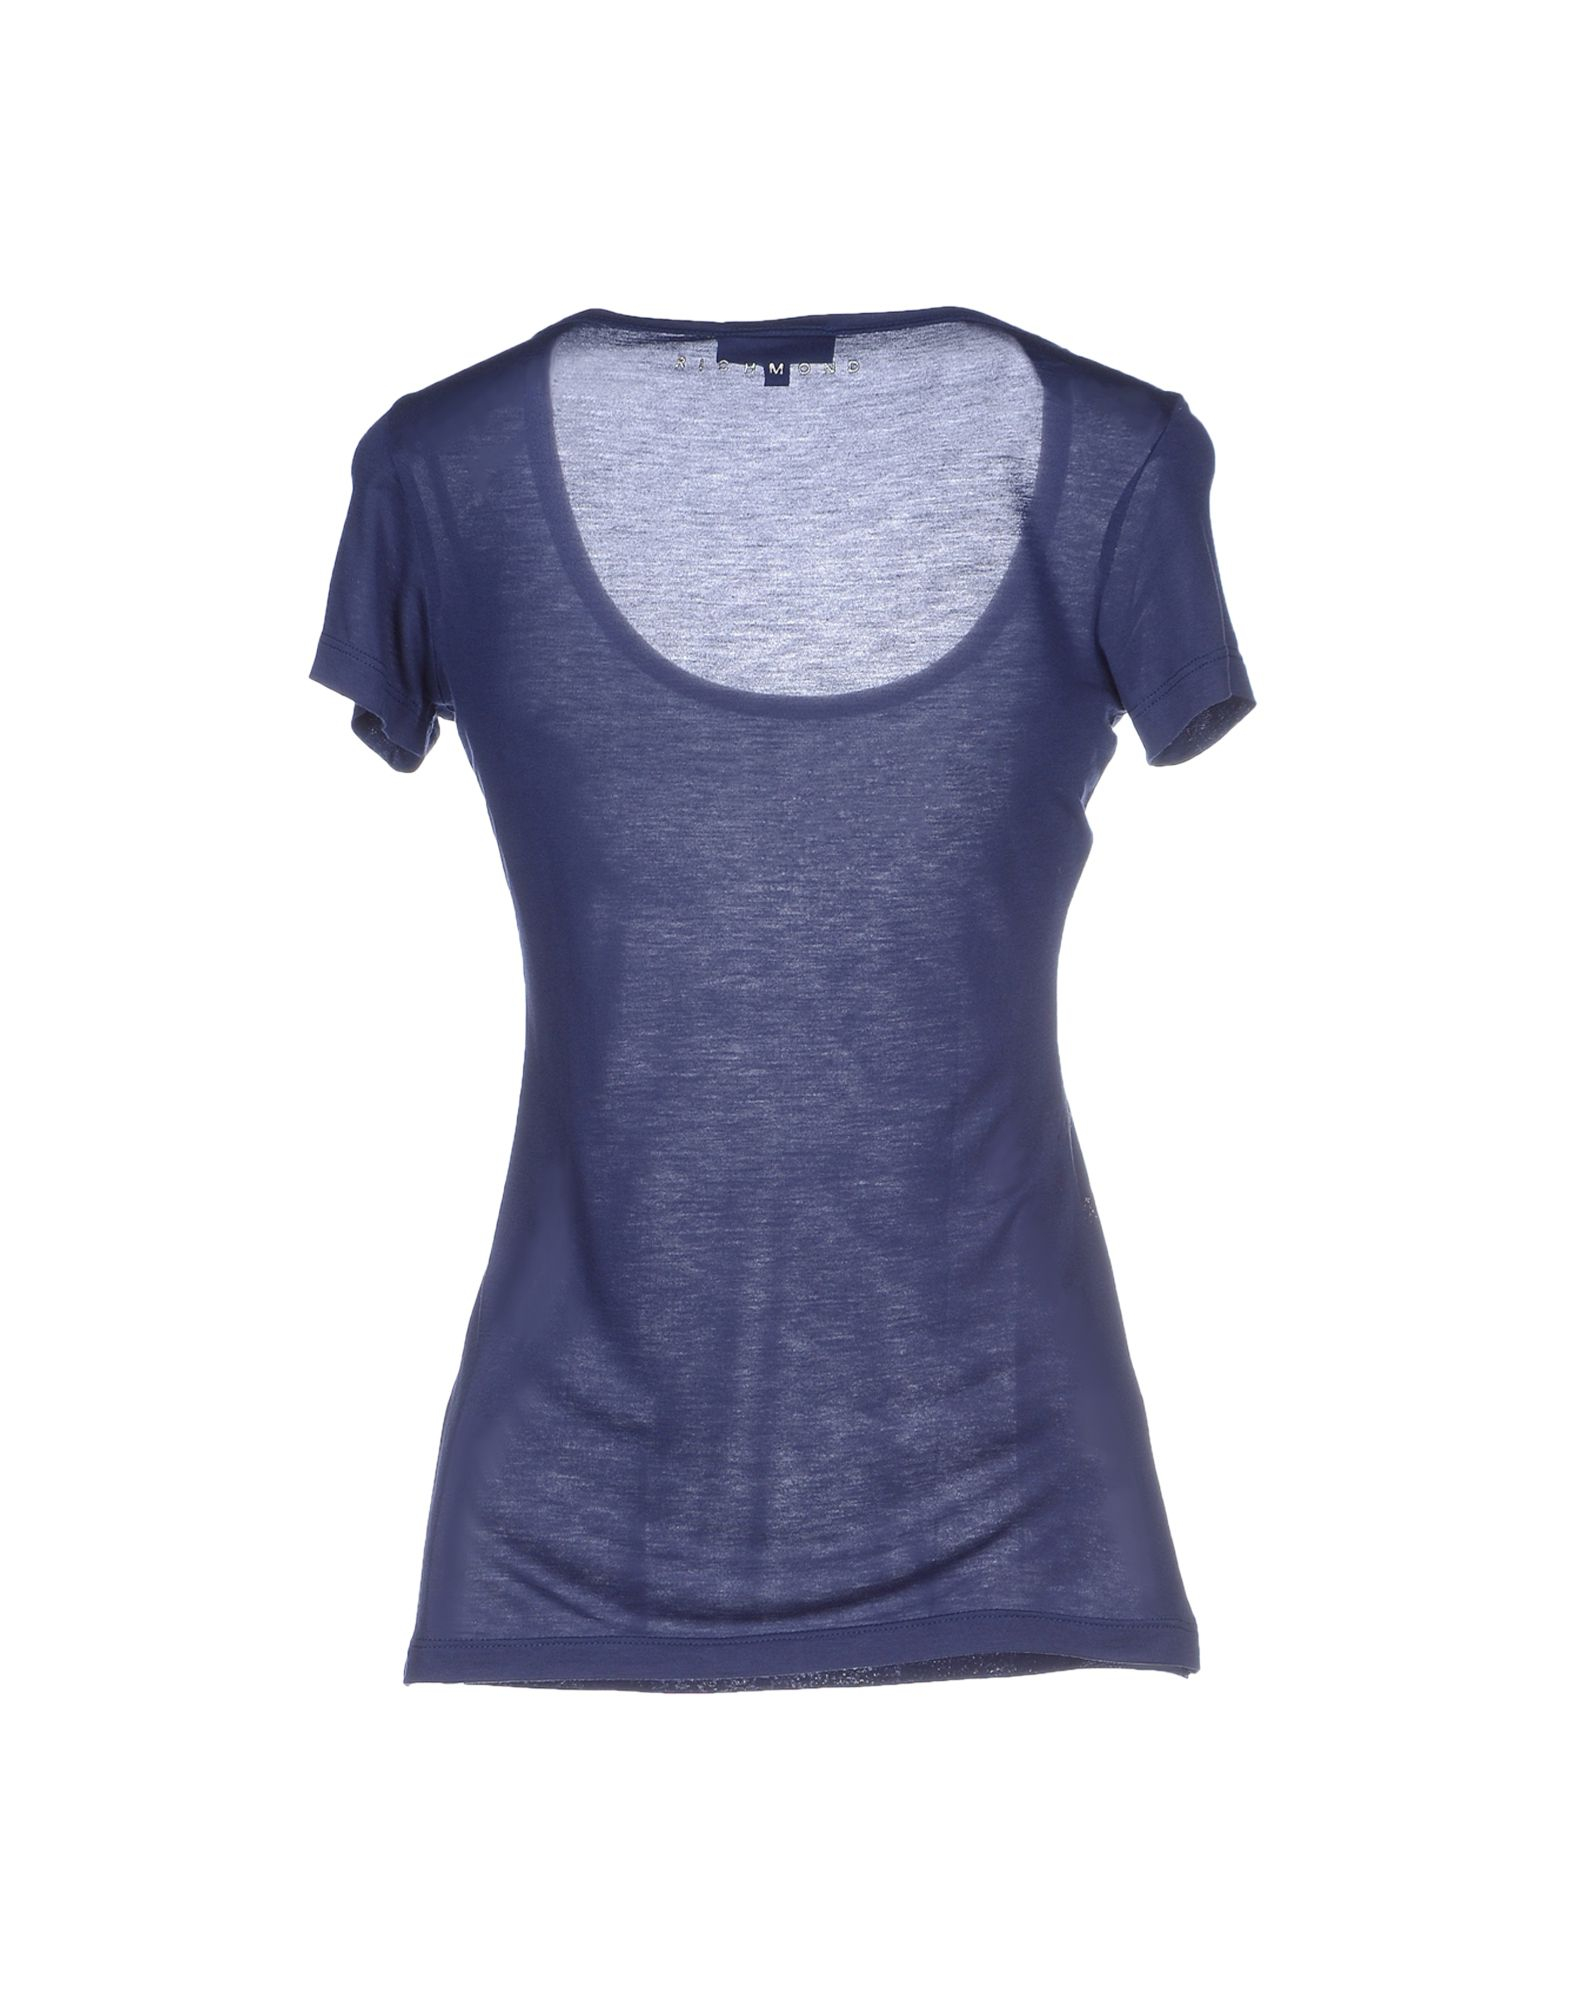 Lyst john richmond t shirt in blue for T shirt printing richmond va